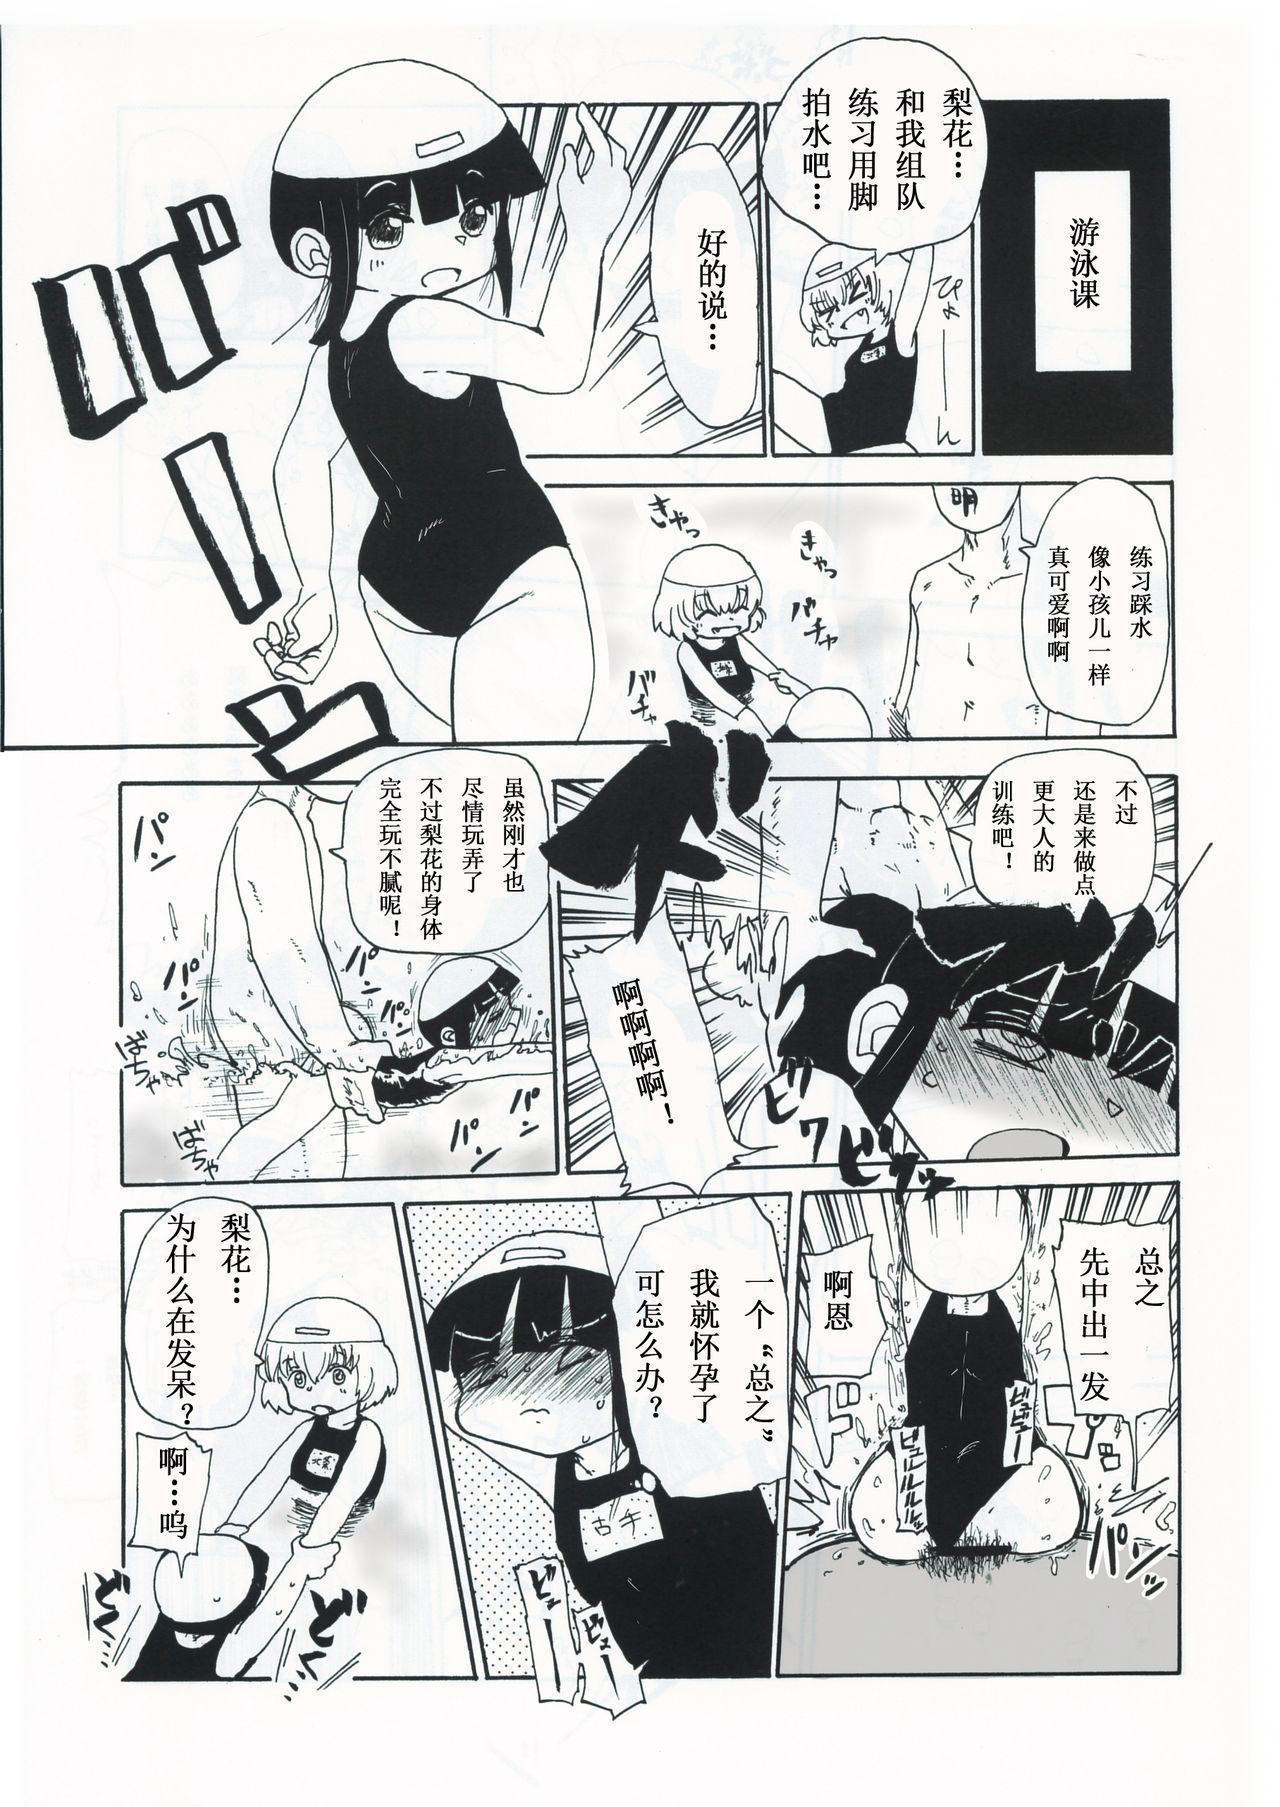 Kiki Kaikai! | 奇奇怪怪 18